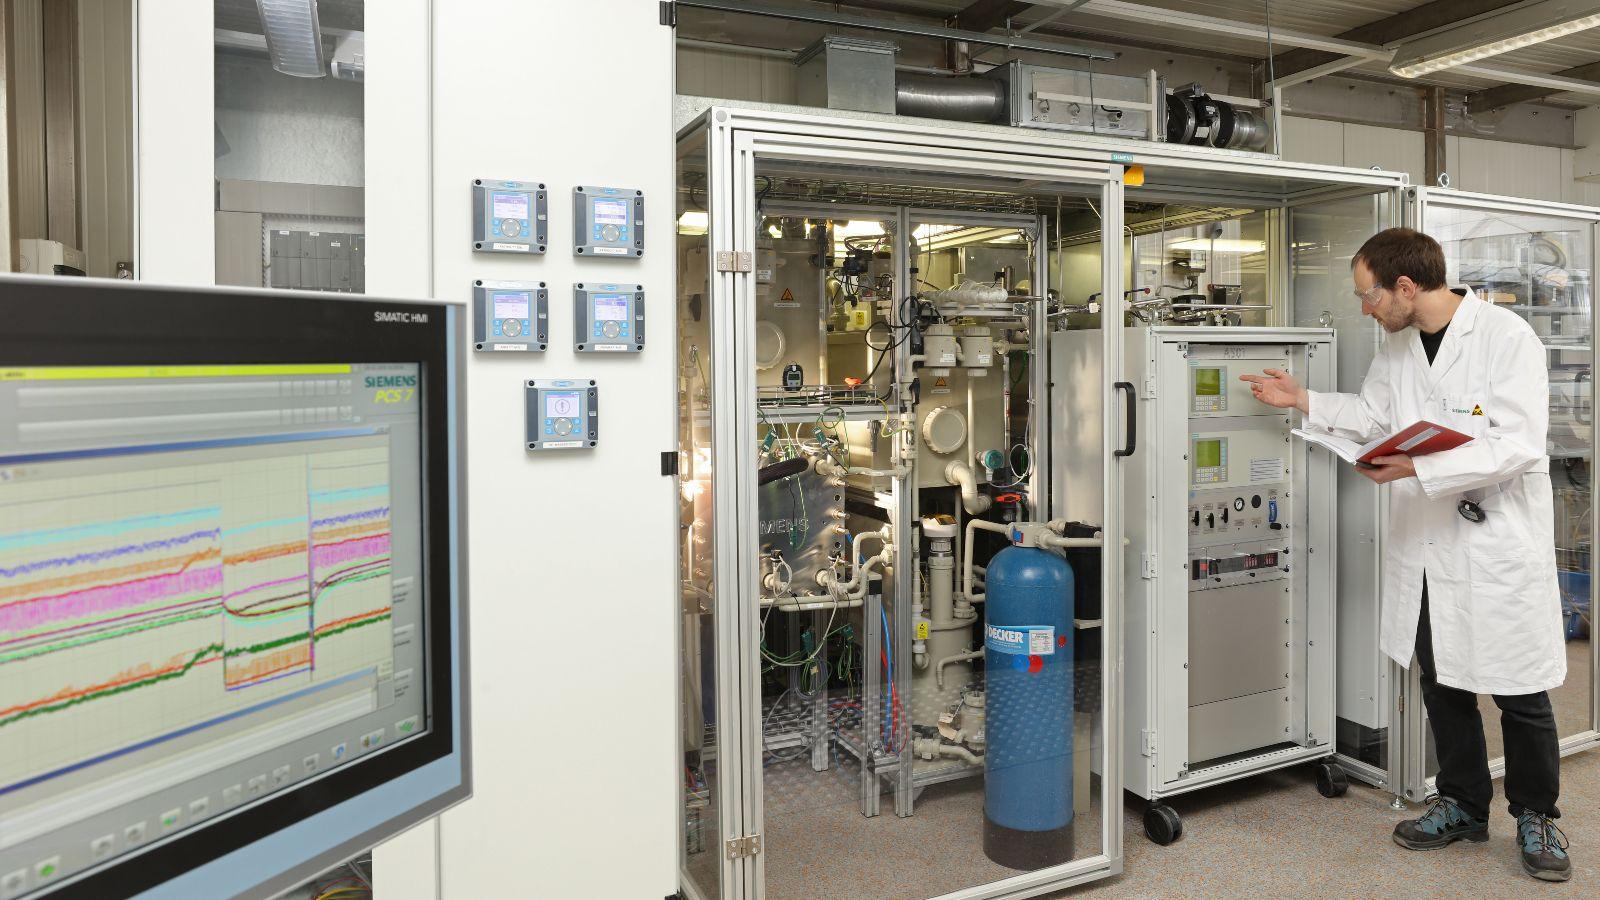 Das Bild zeigt einen Ko-Elektrolyseur von Siemens.